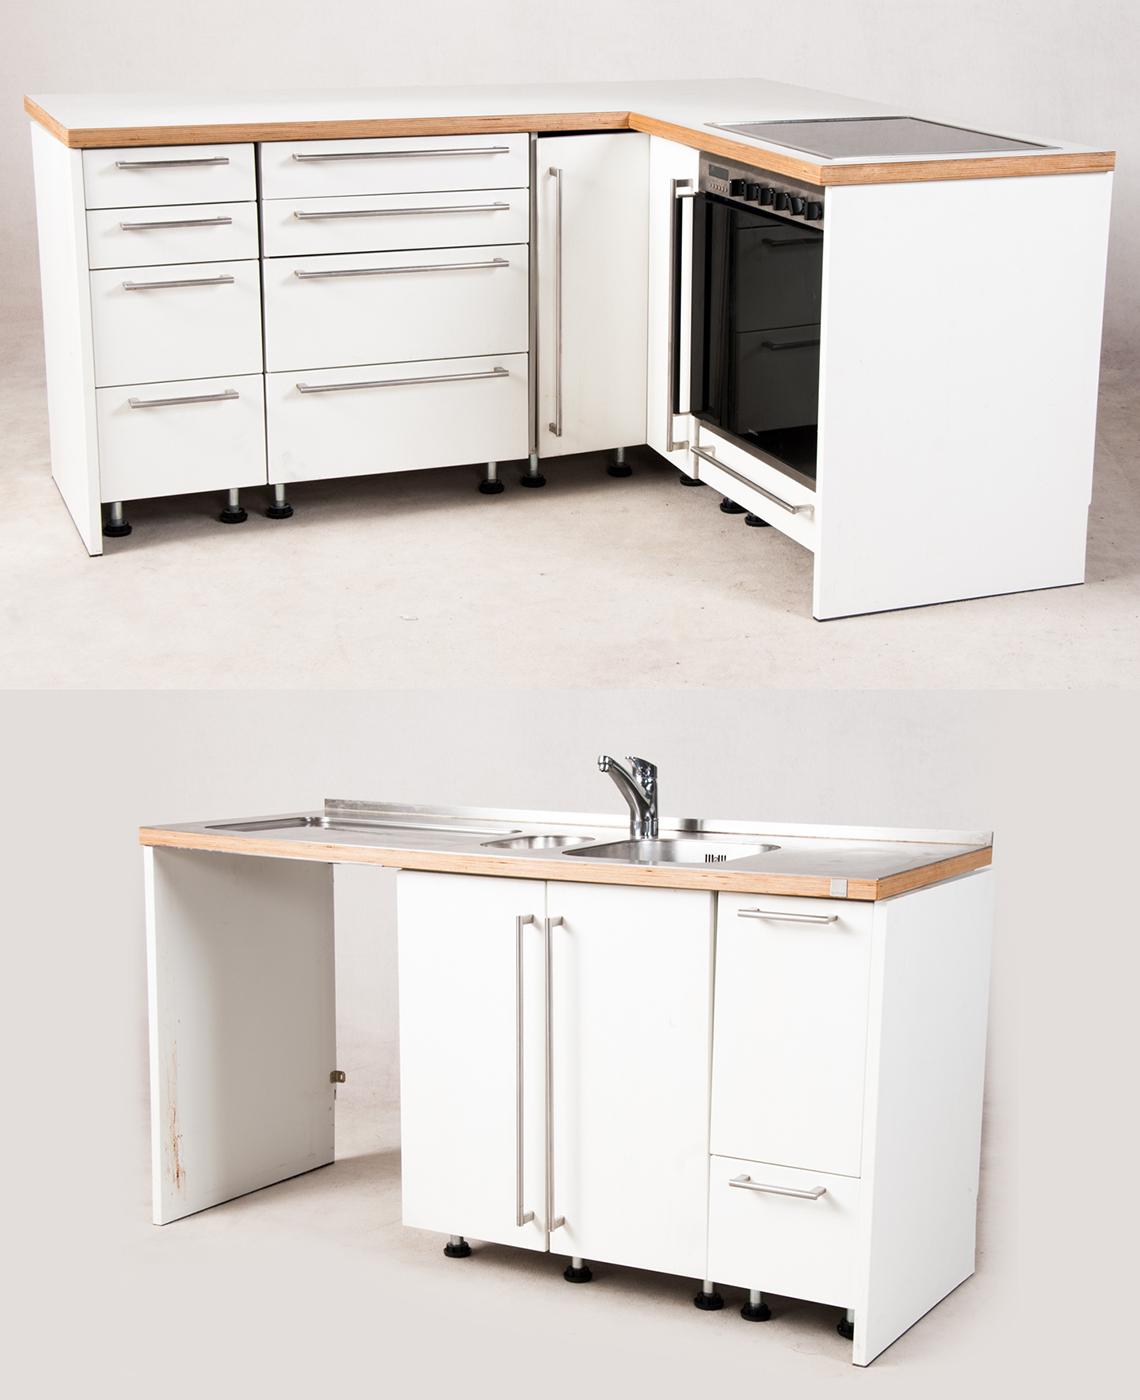 Neu Bulthaup Küche Gebraucht Kaufen